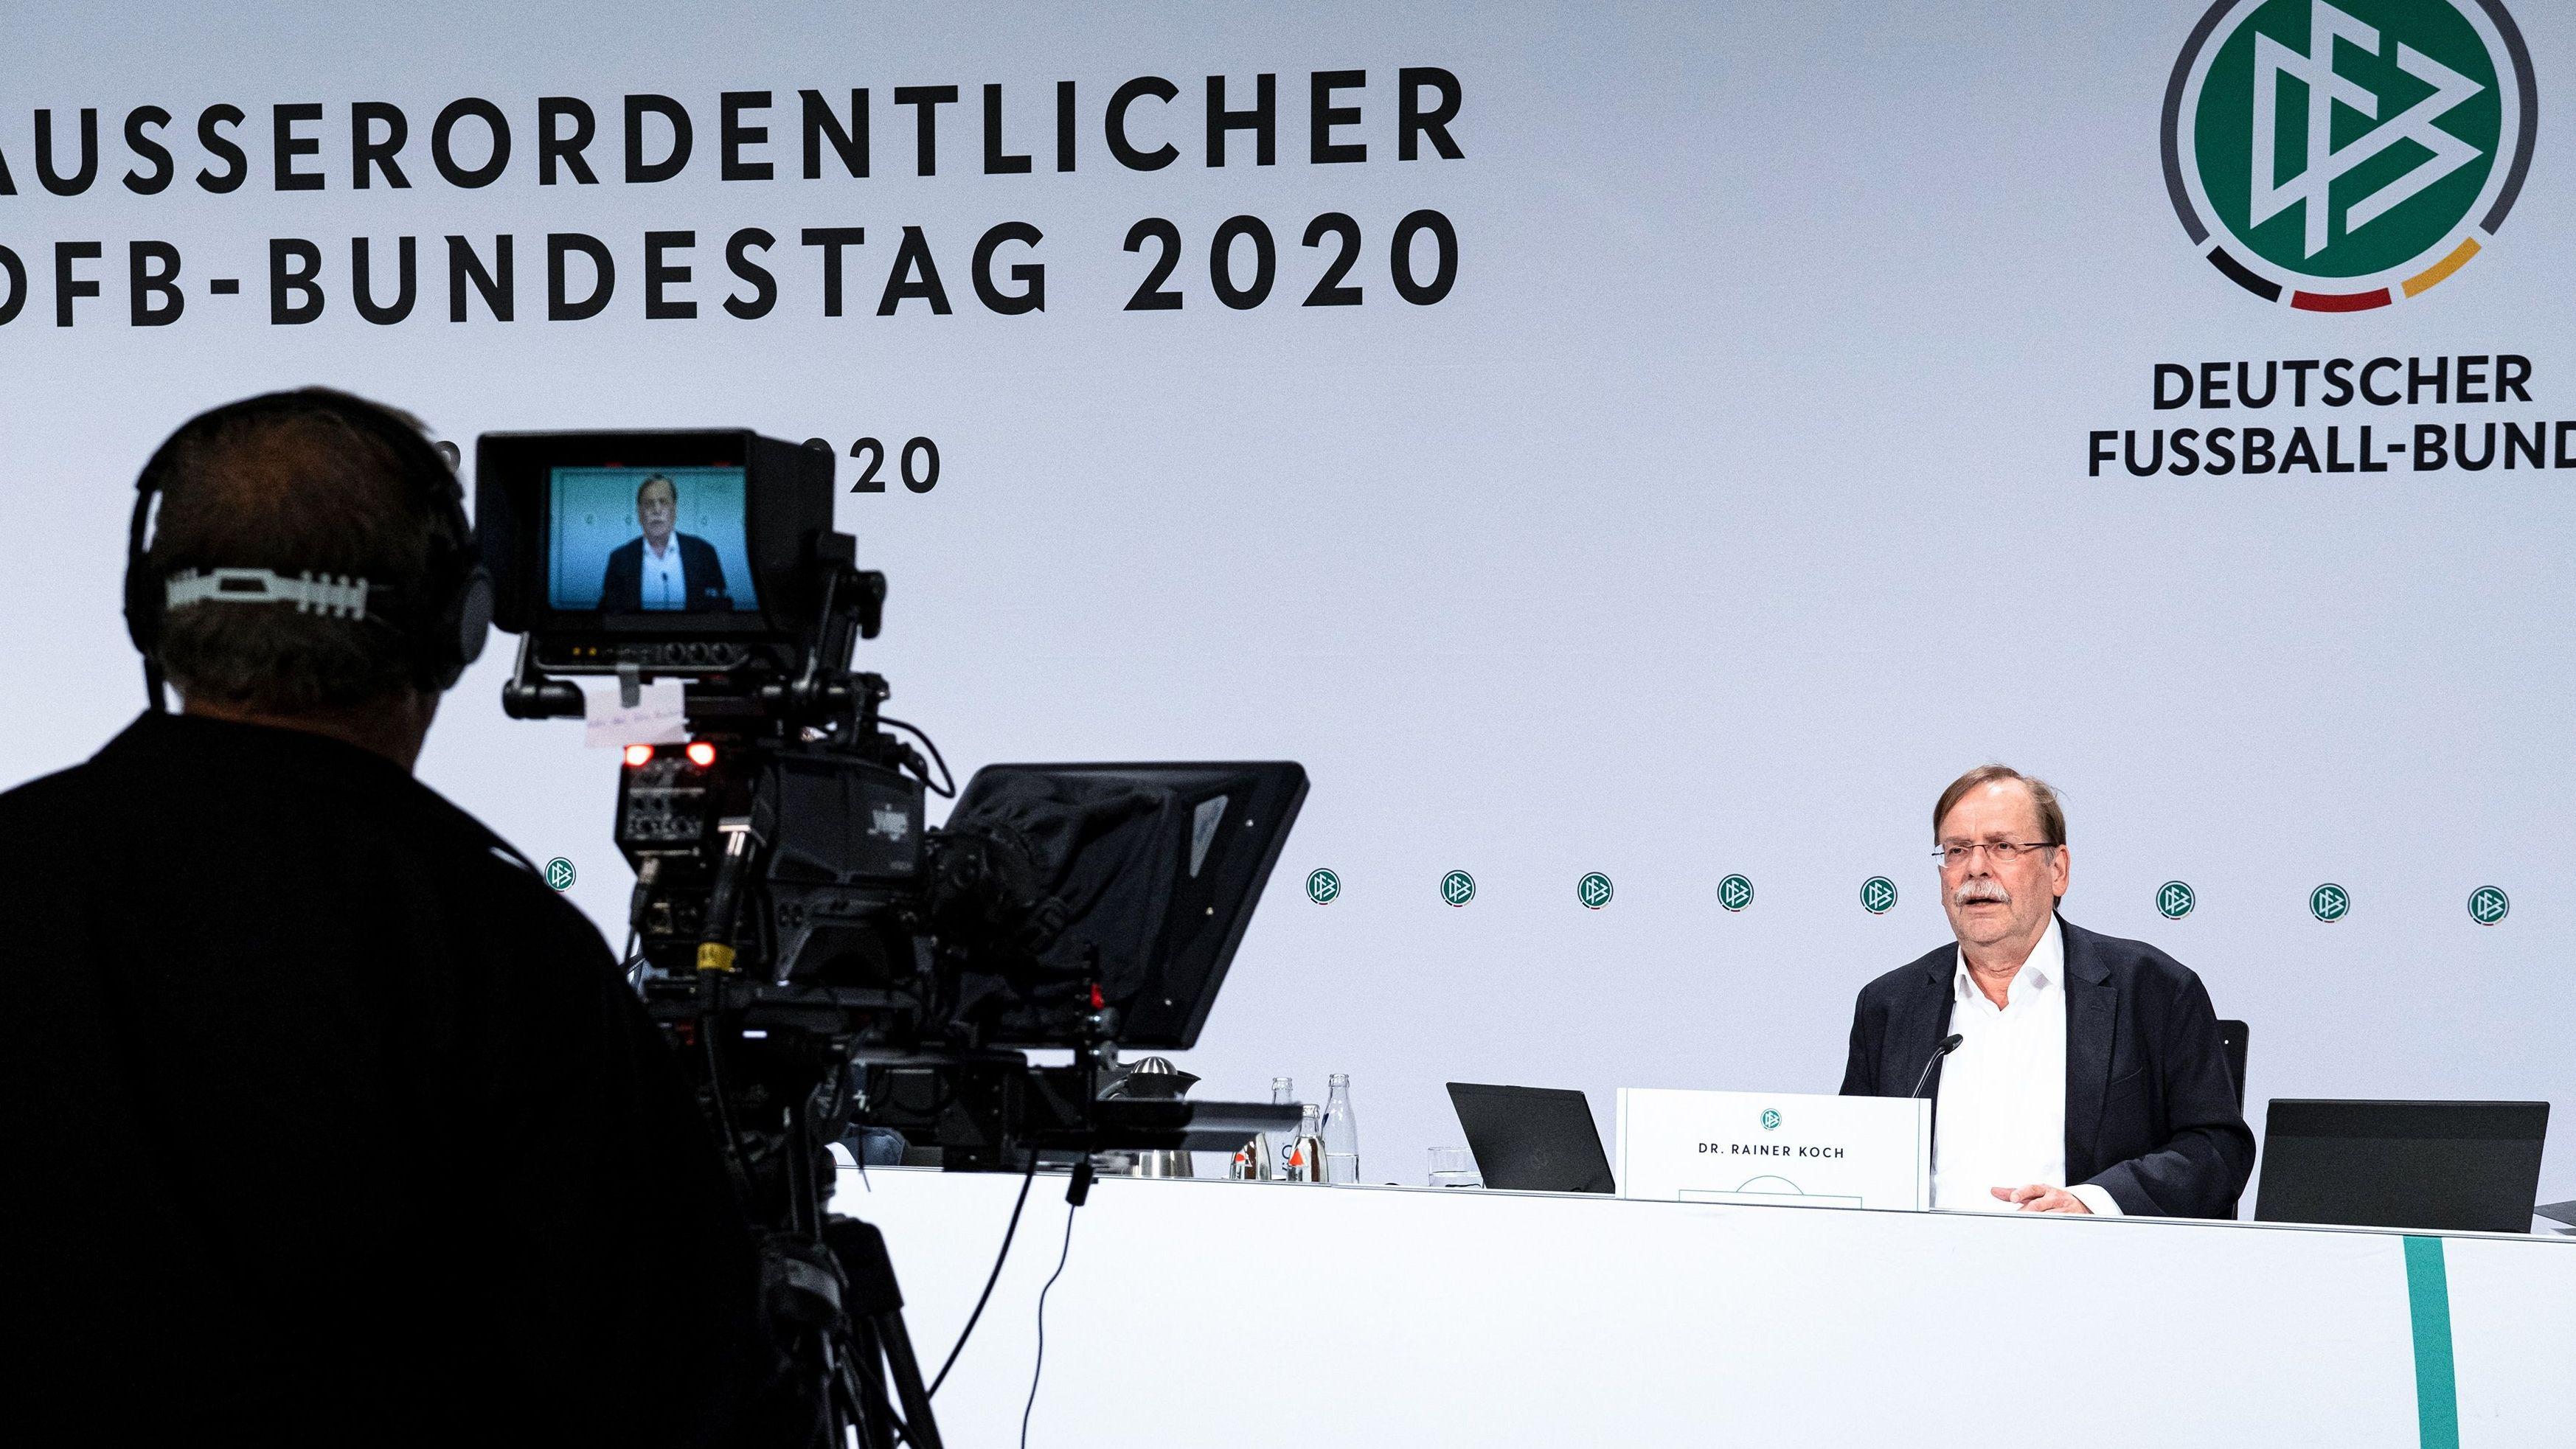 DFB-Vizepräsident Rainer Koch beim außerordentlichen Bundestag